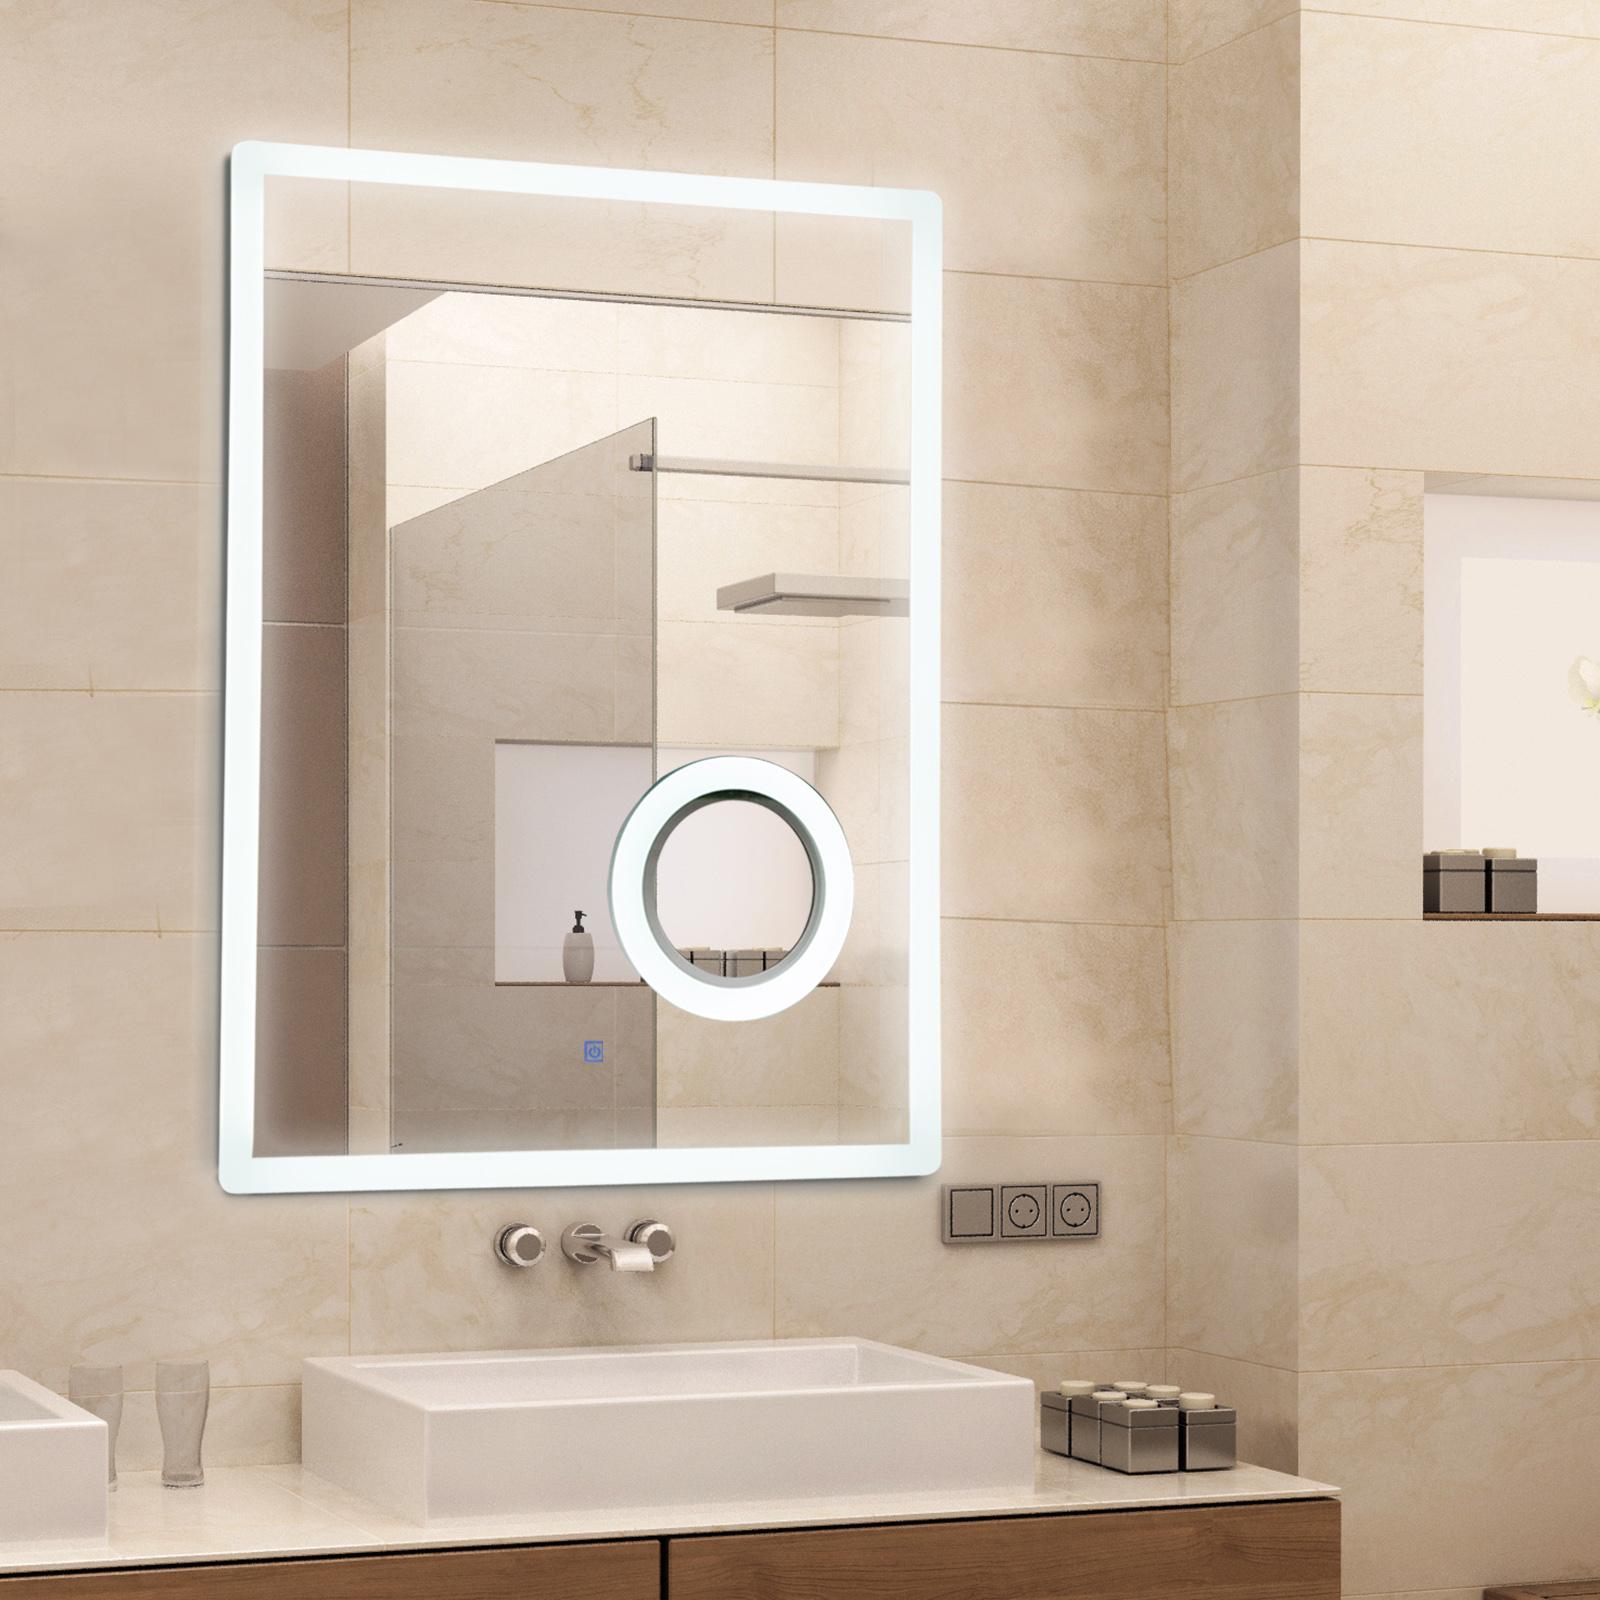 Miroir Eclairant Salle De Bain détails sur kleankin miroir lumineux led salle de bain fonction  grossissante 65 w 60 x 80 cm